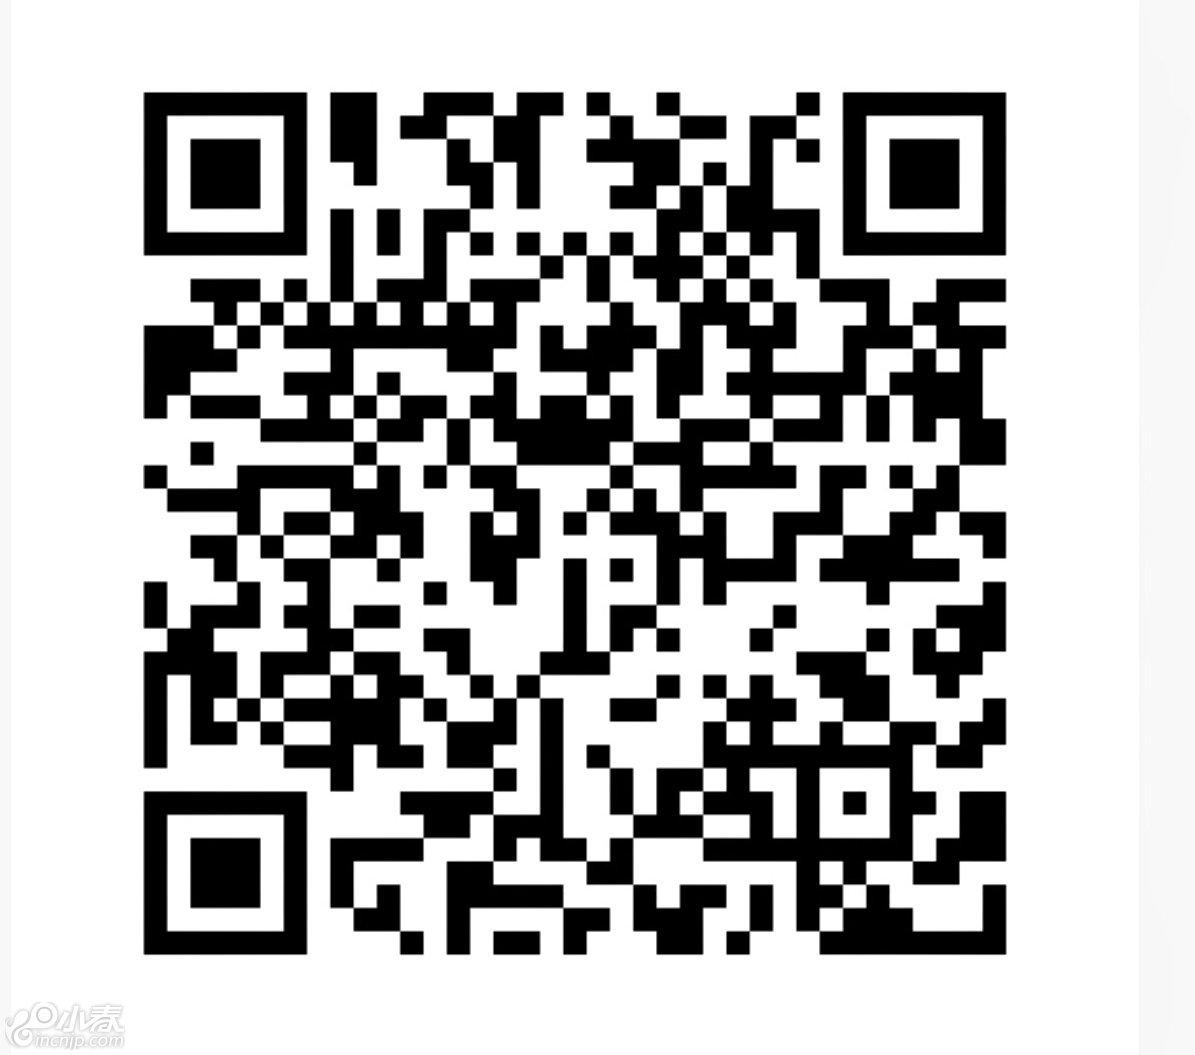 5EA11F80-539A-413D-BD5E-D6E6959A6ABA.jpeg